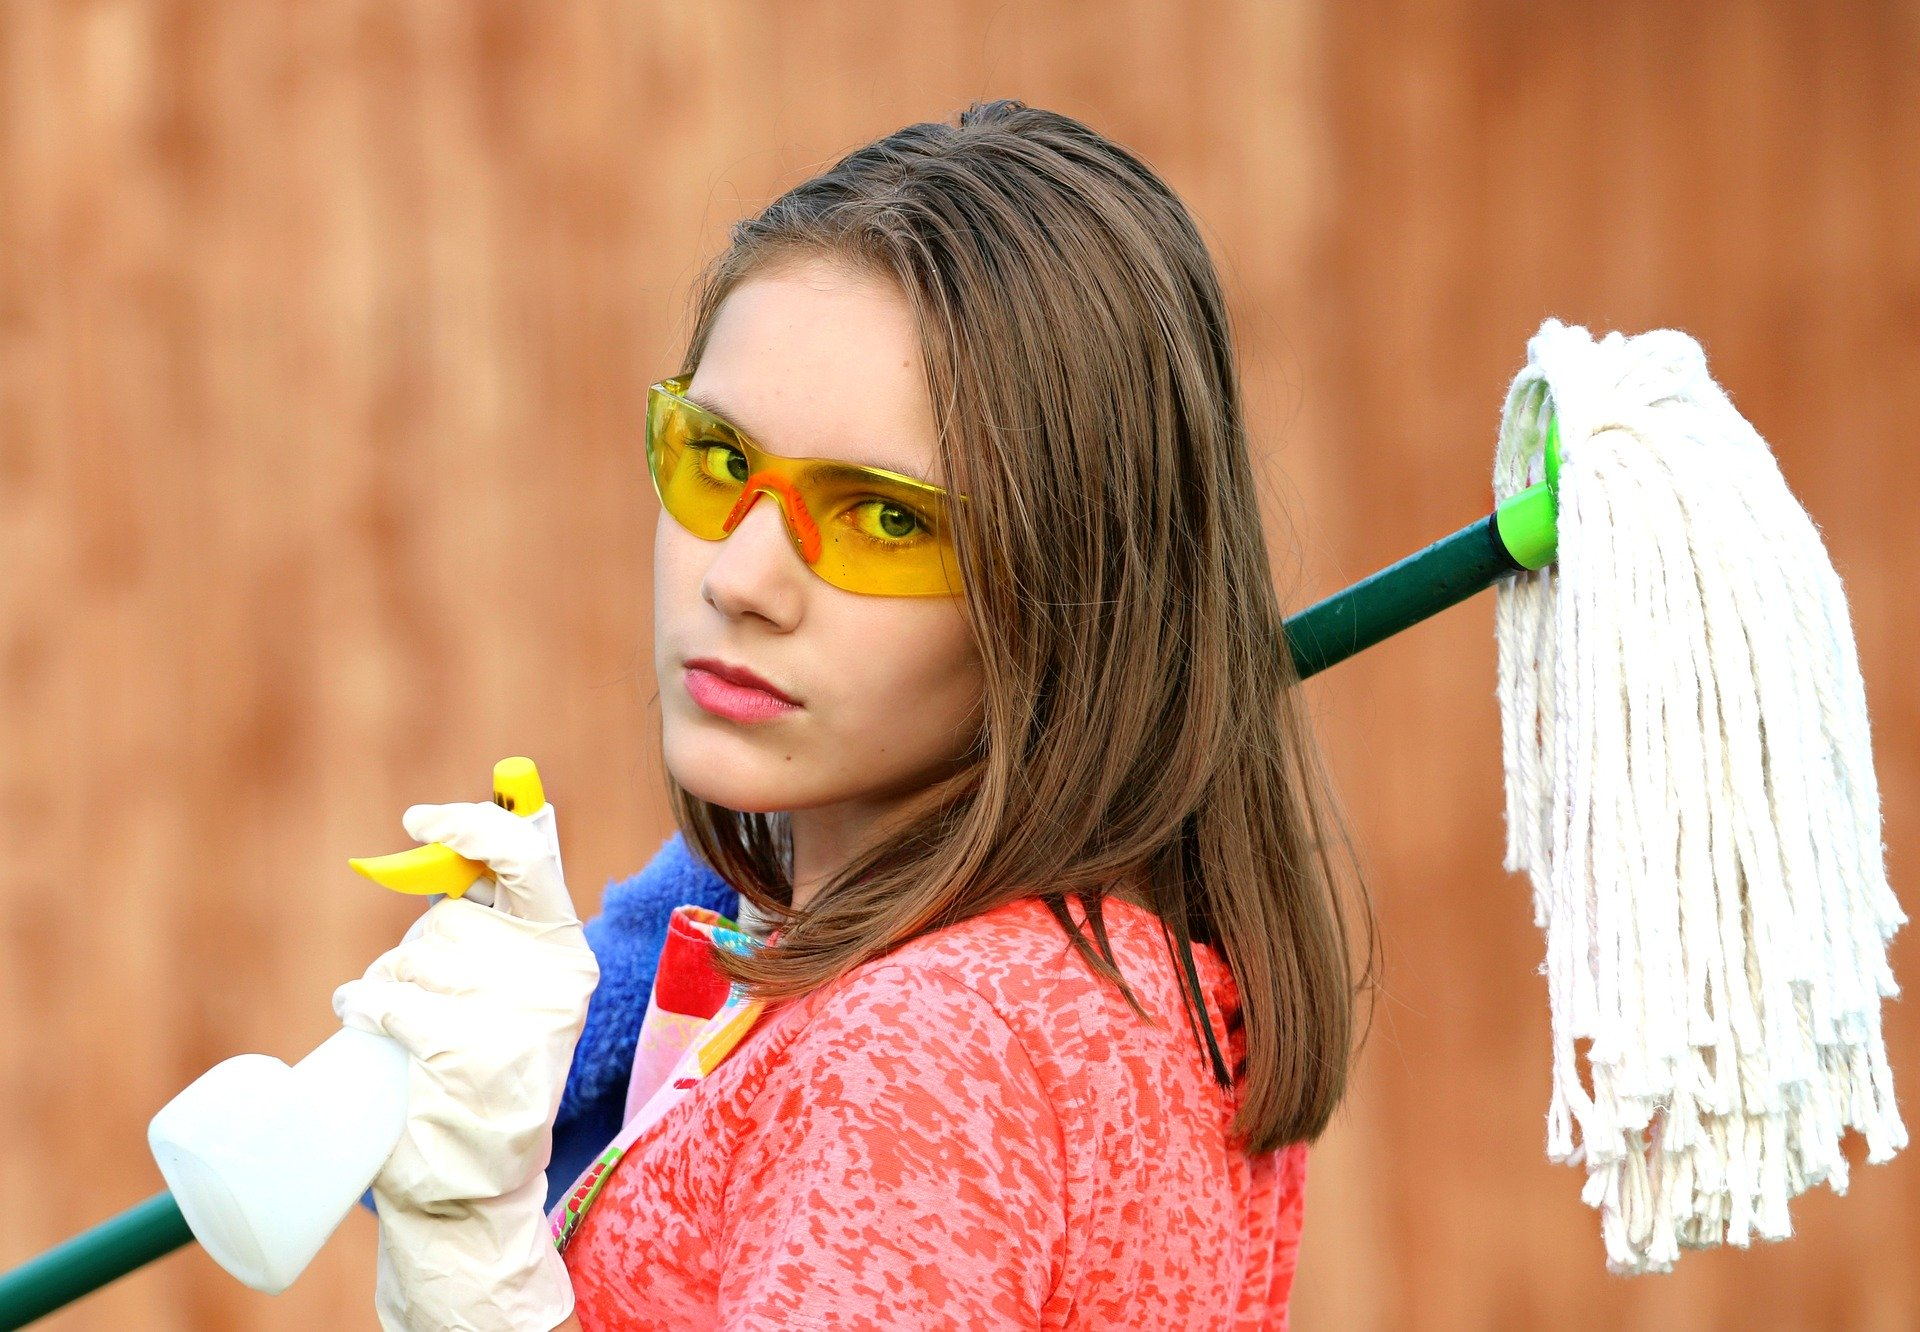 kvindelig rengøringsassistent